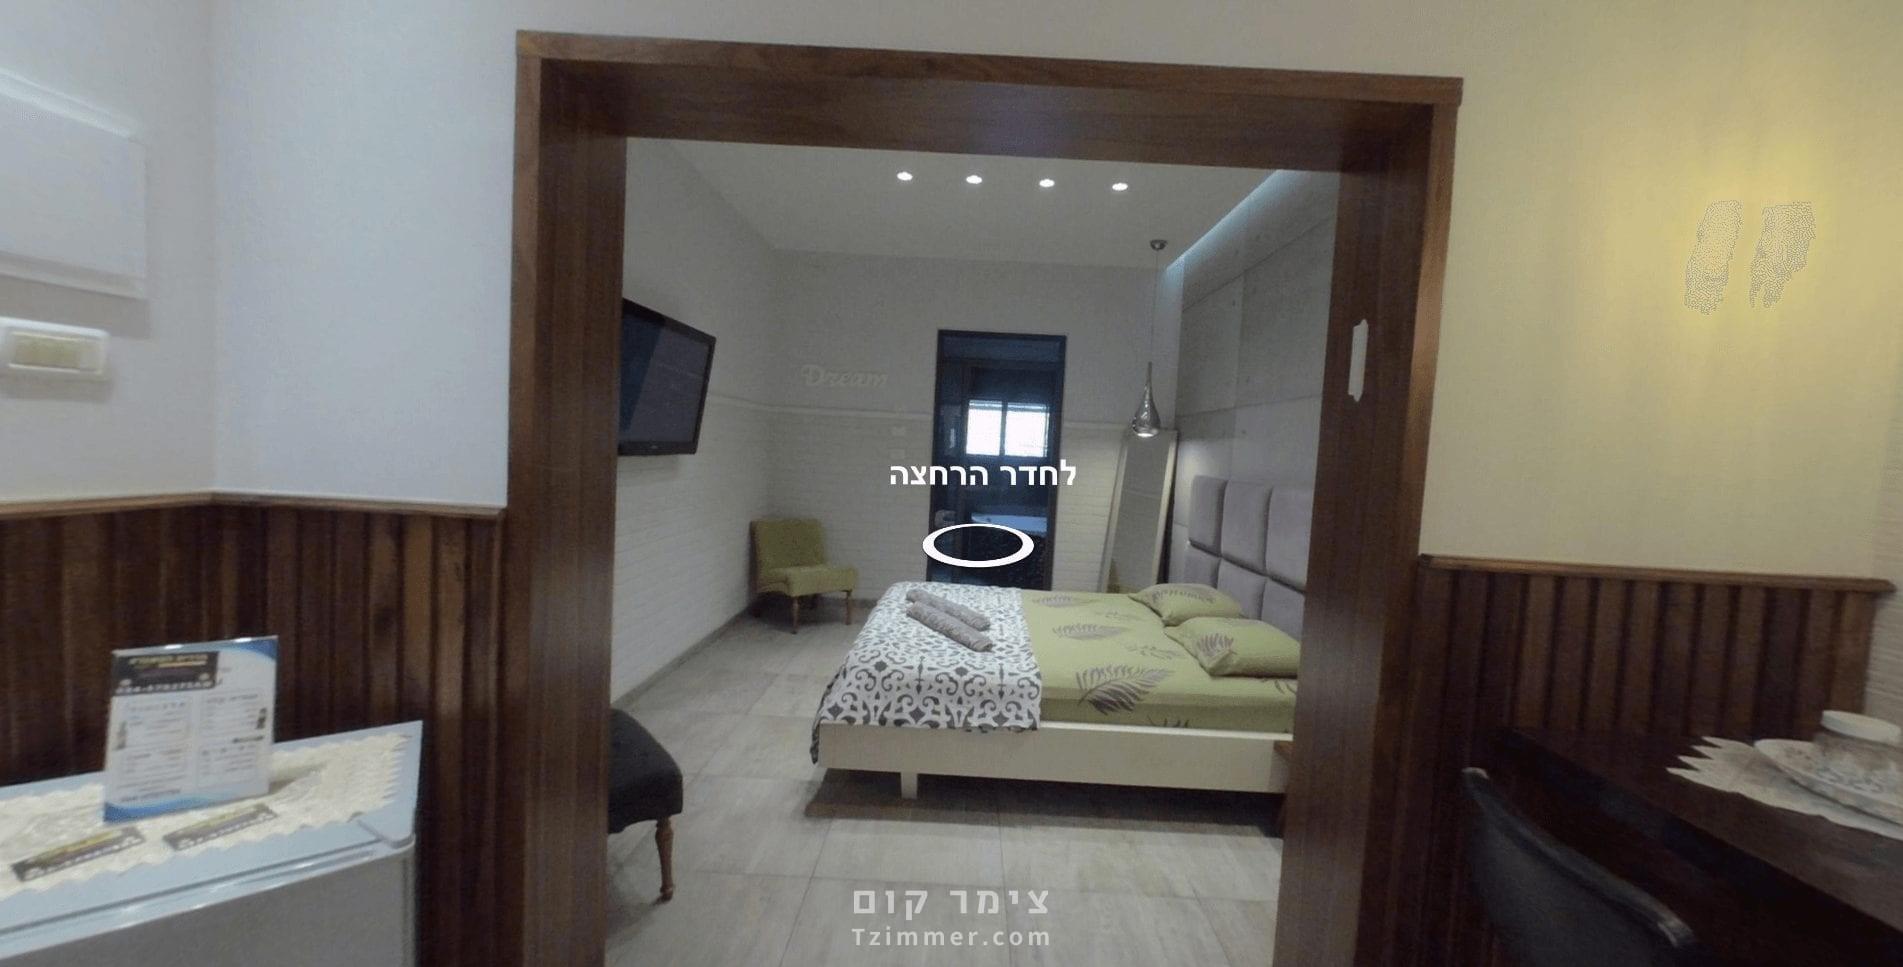 Rooms 4 U קרית מוצקין